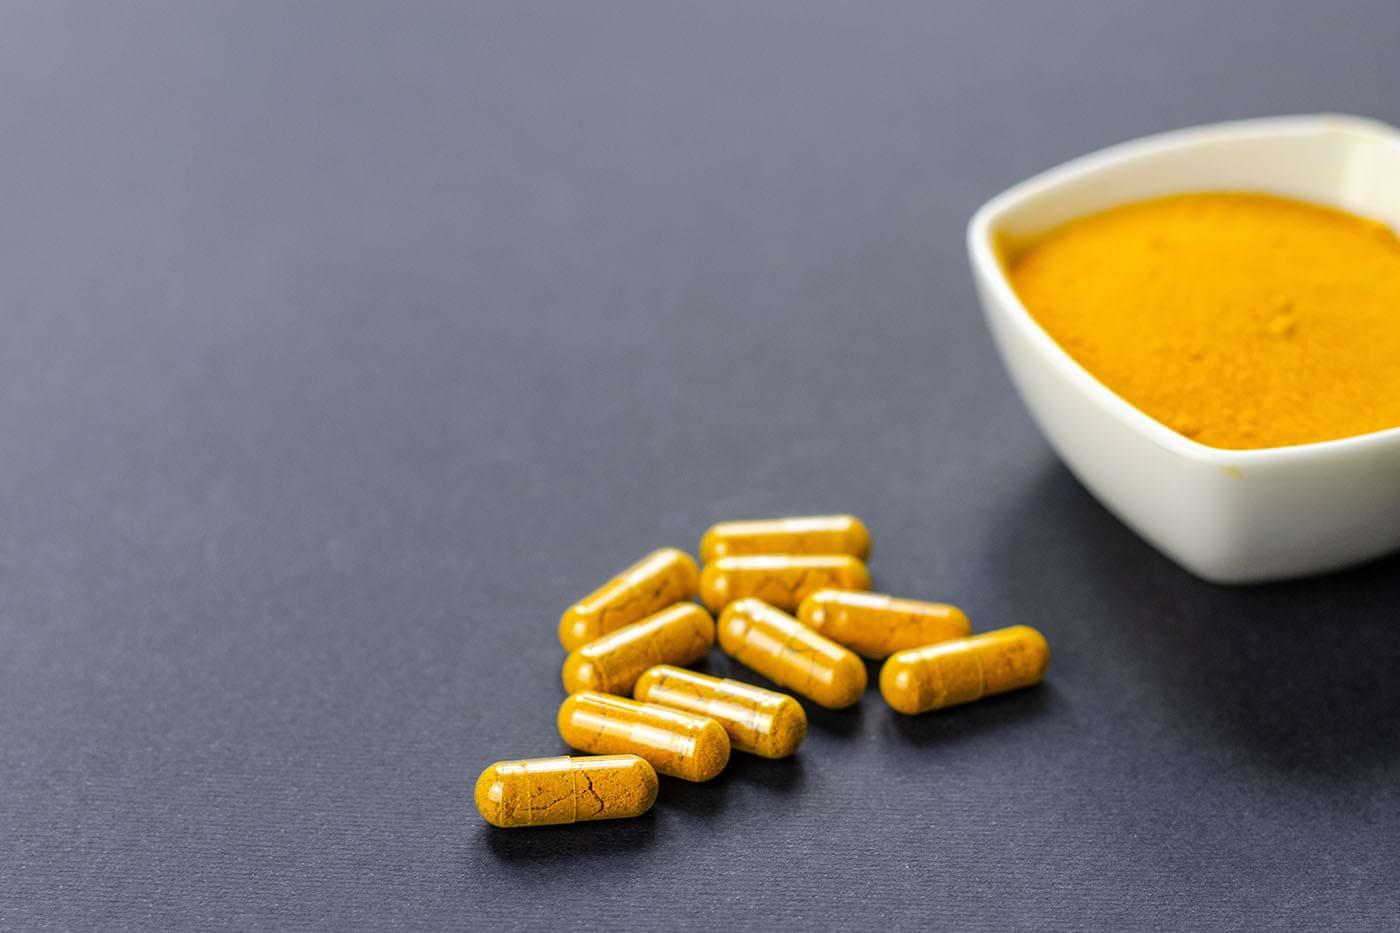 Turmericul poate fi eficient în tratamentul gonartrozei [studiu]